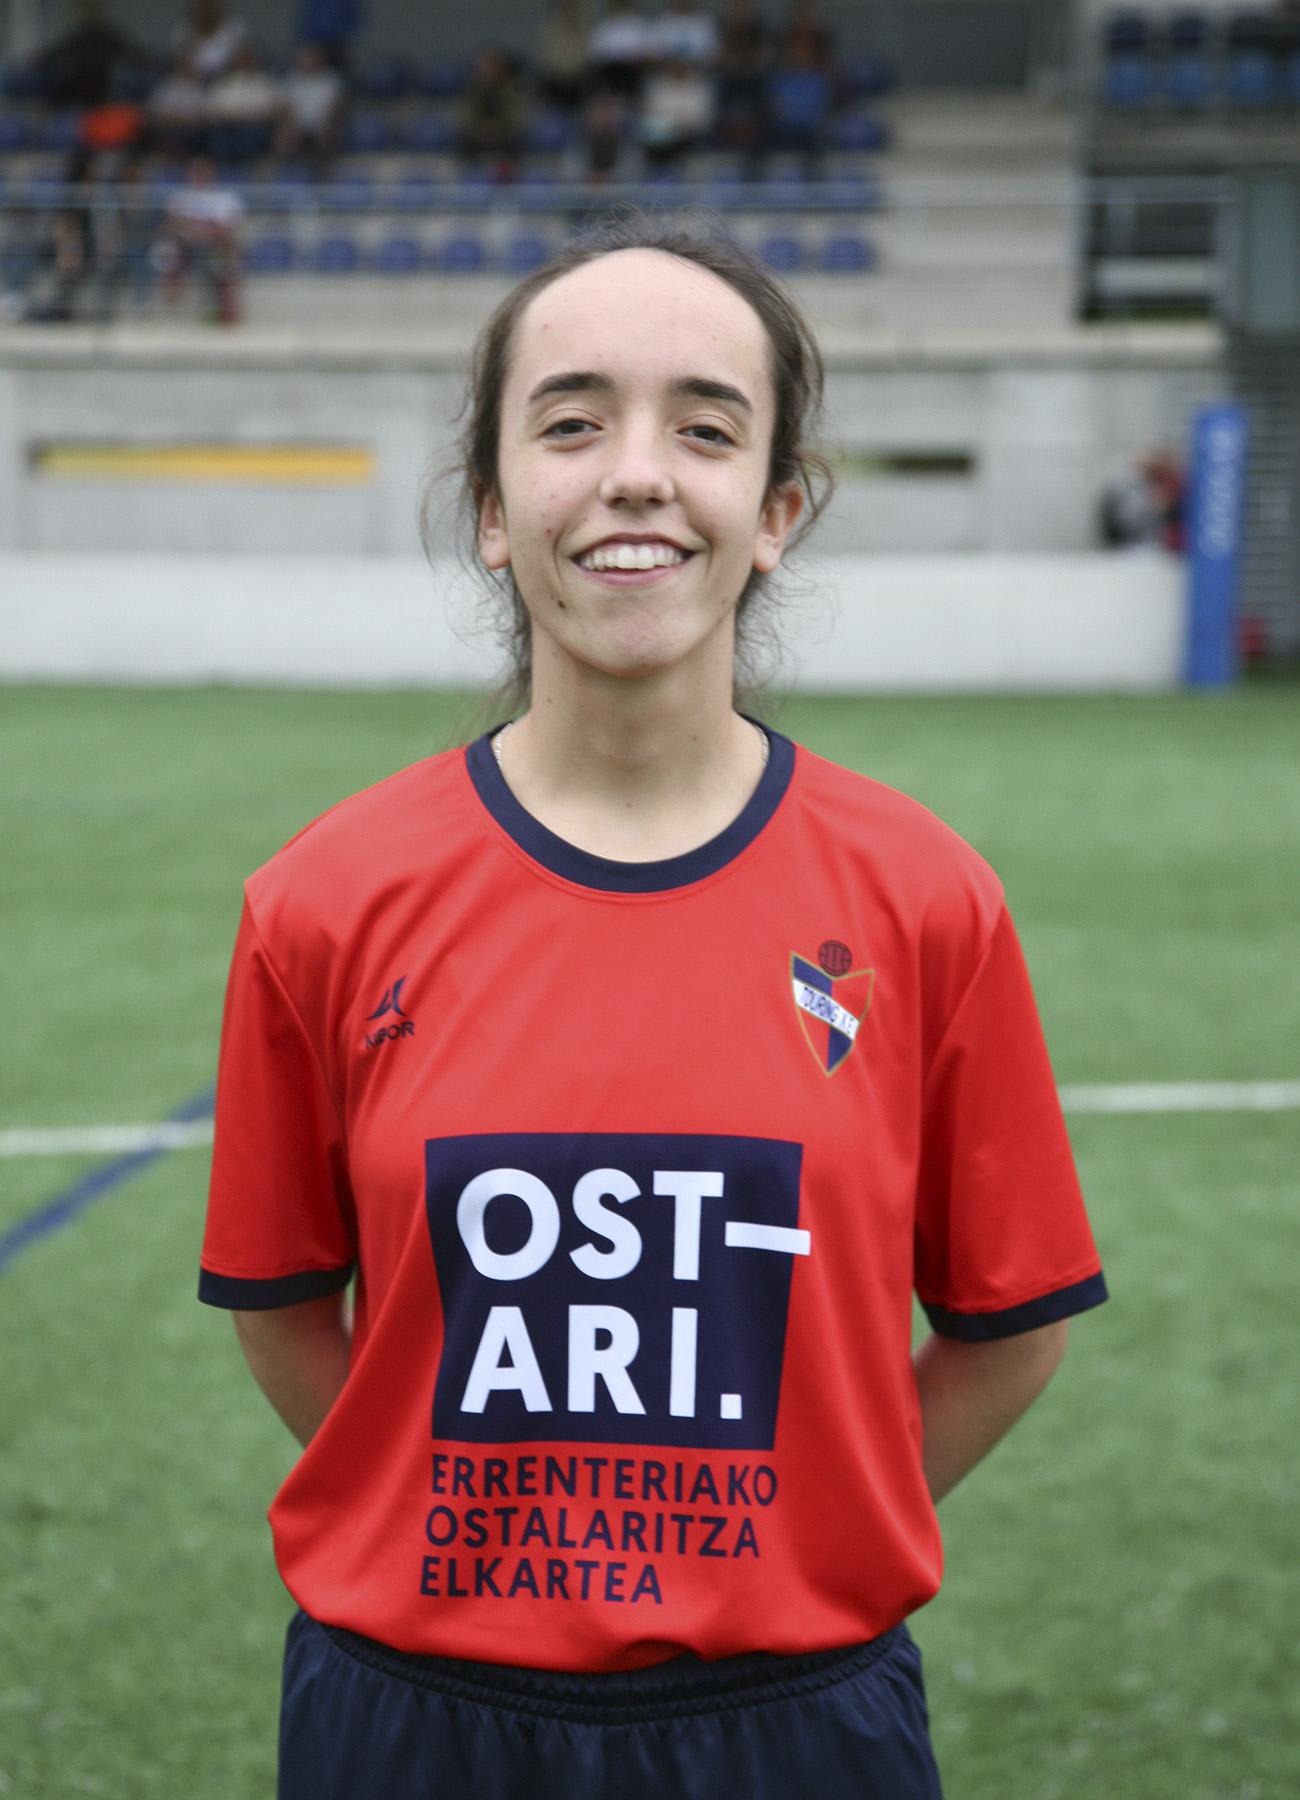 Leire Hernández